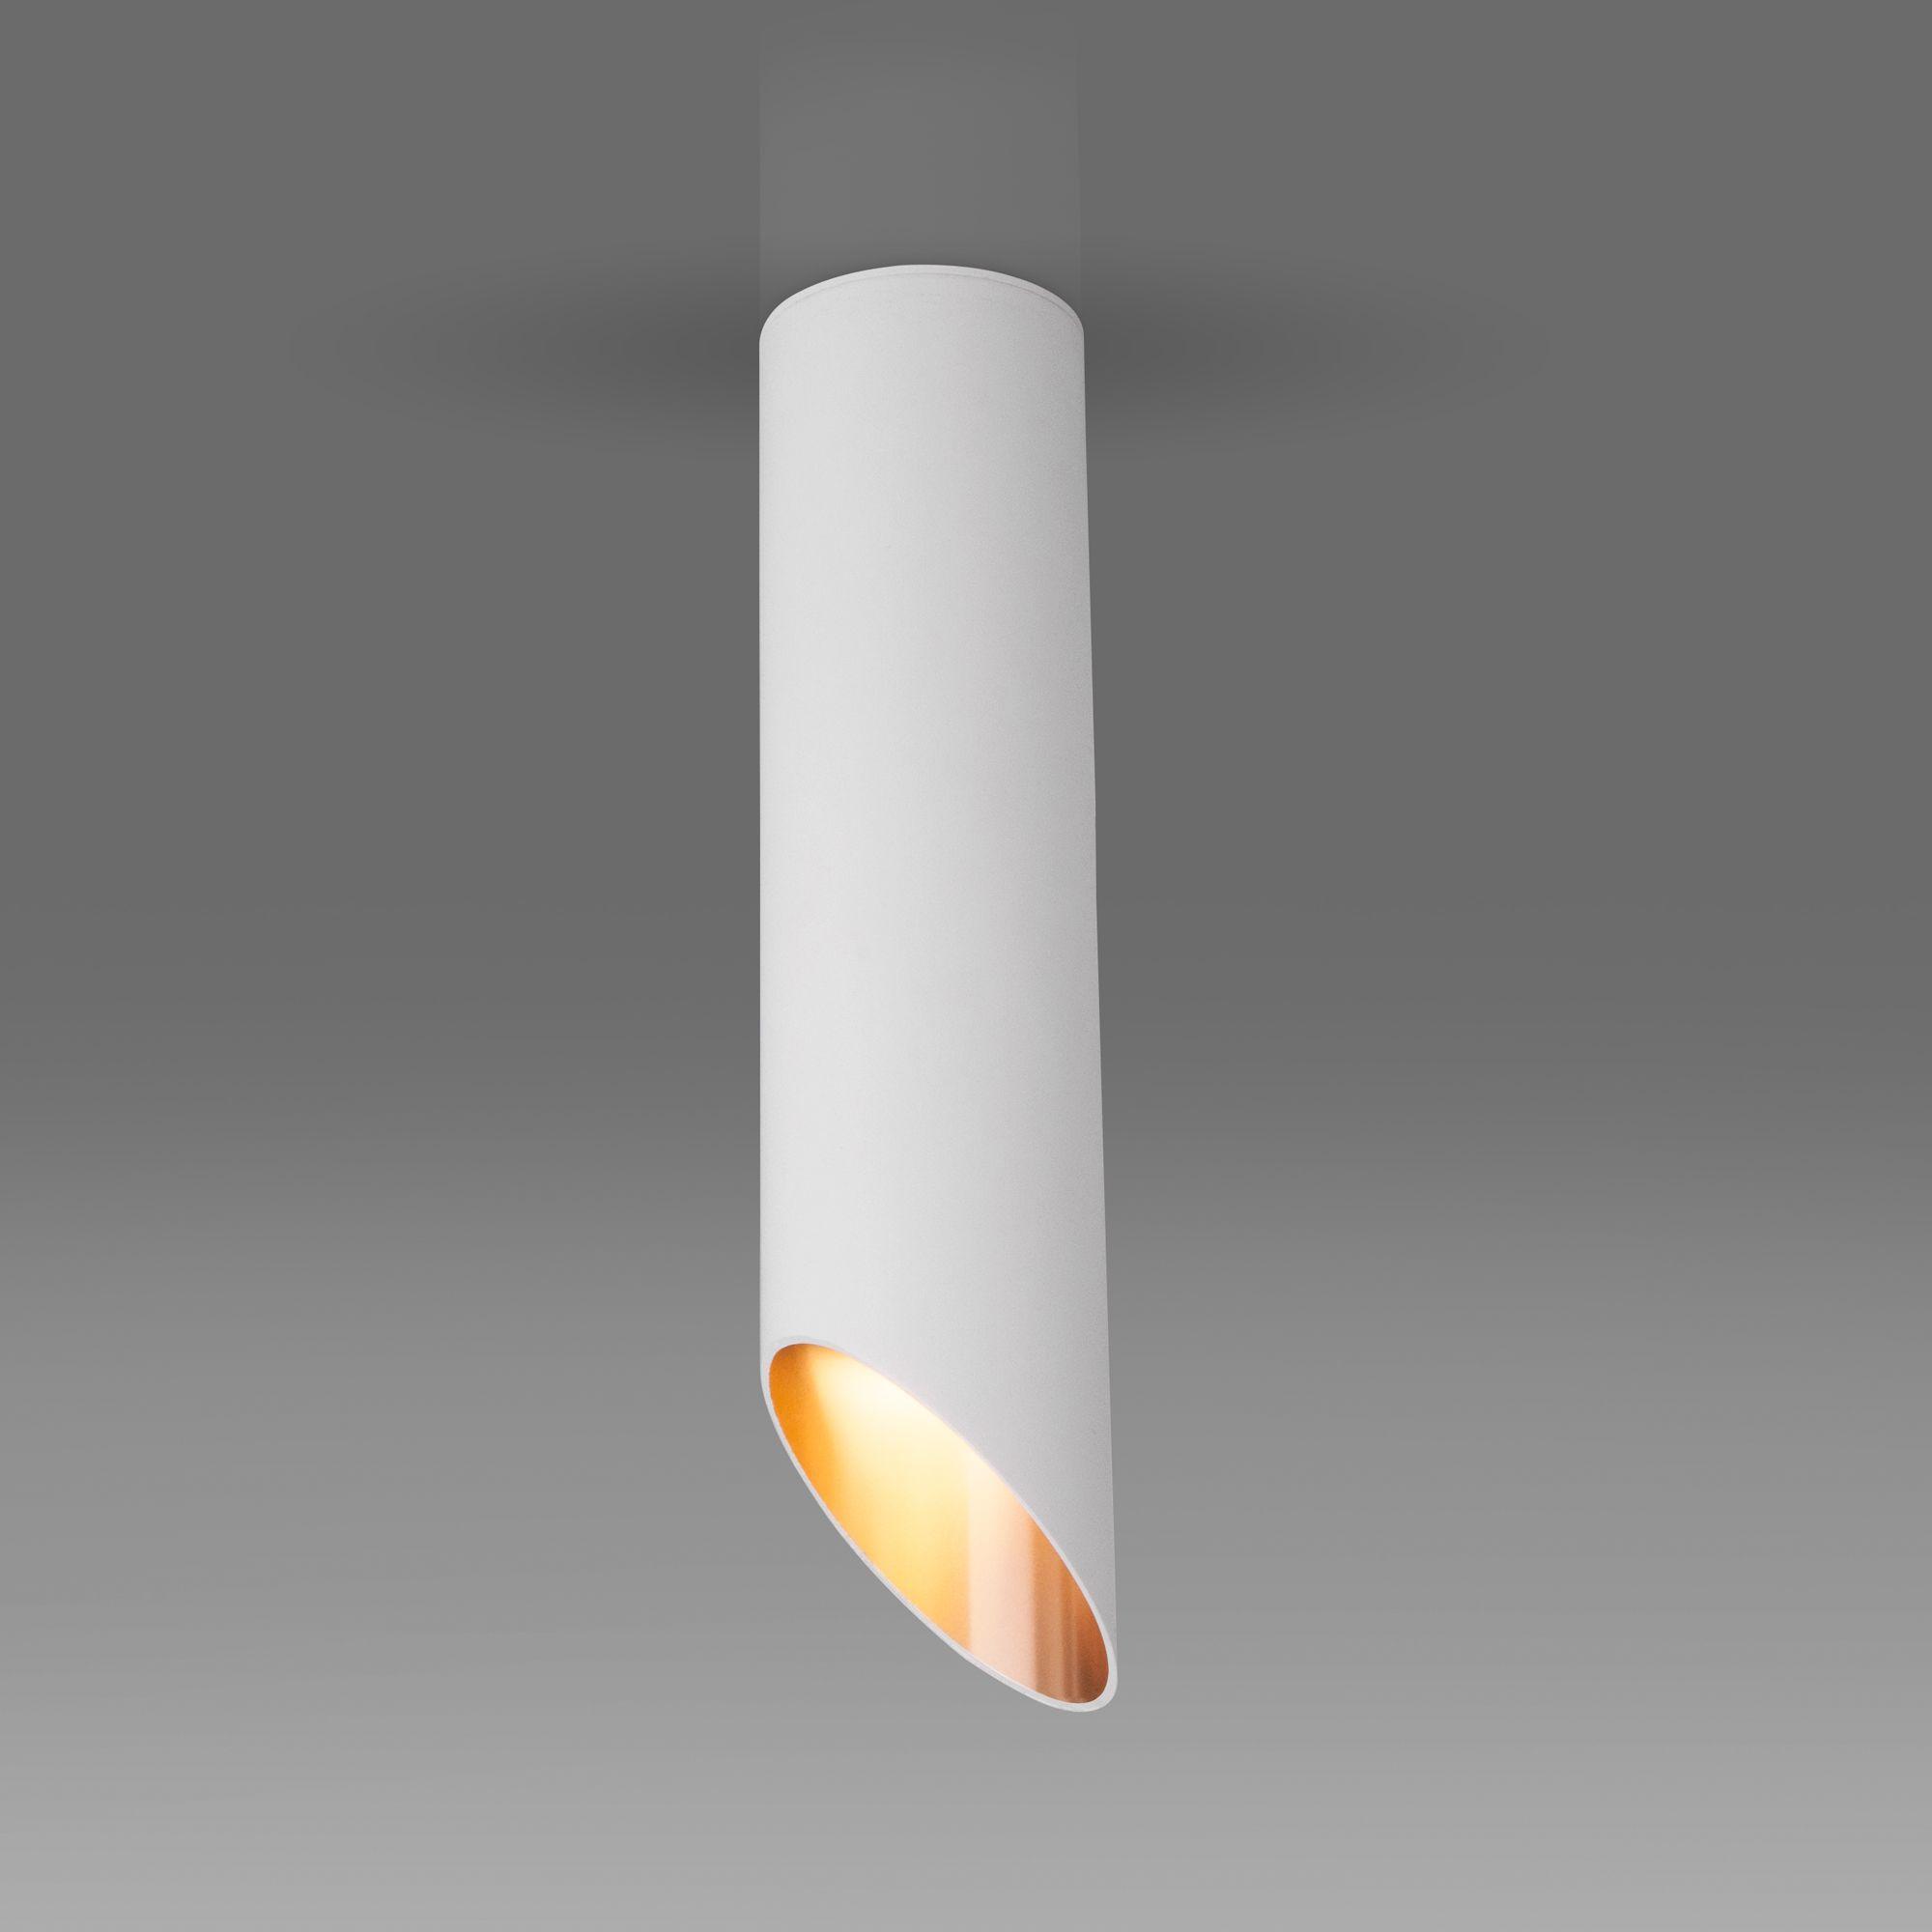 Накладной акцентный светильник DLN115 GU10